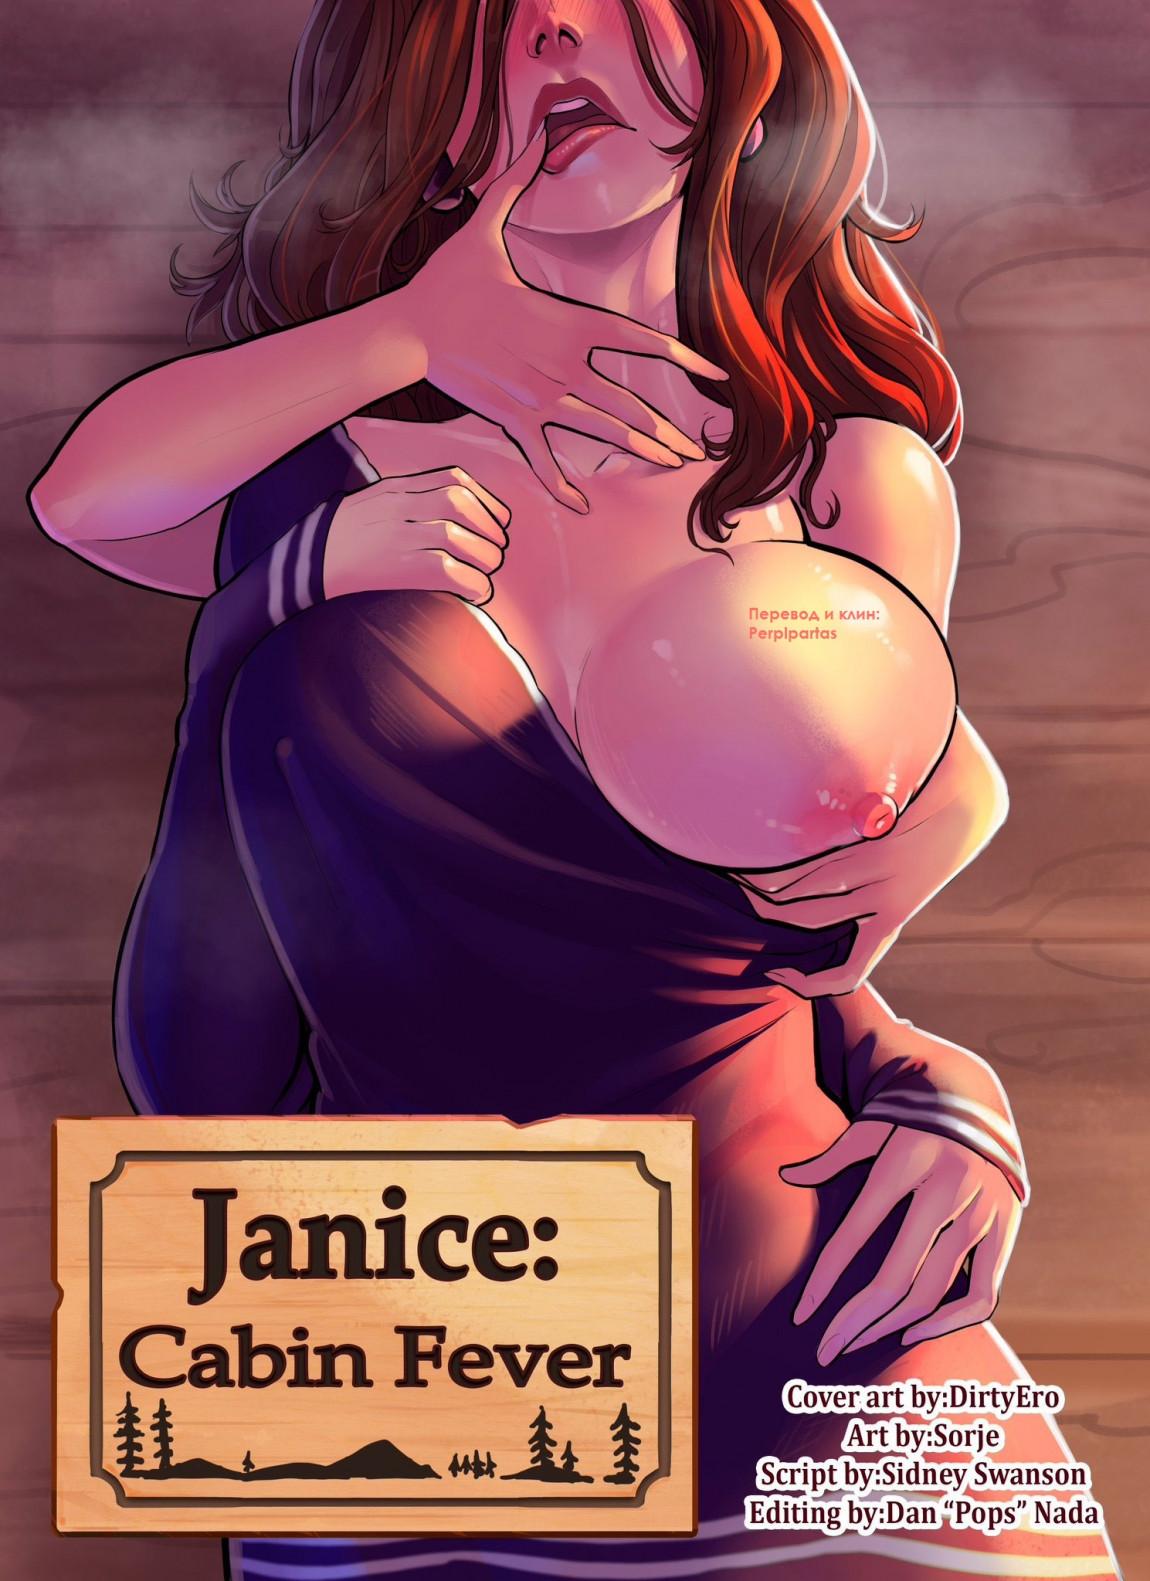 Кабинка Дженис, порно комиксы на русском Без цензуры, Большая грудь, Большие члены, Лесбиянки, Минет, Порно комиксы